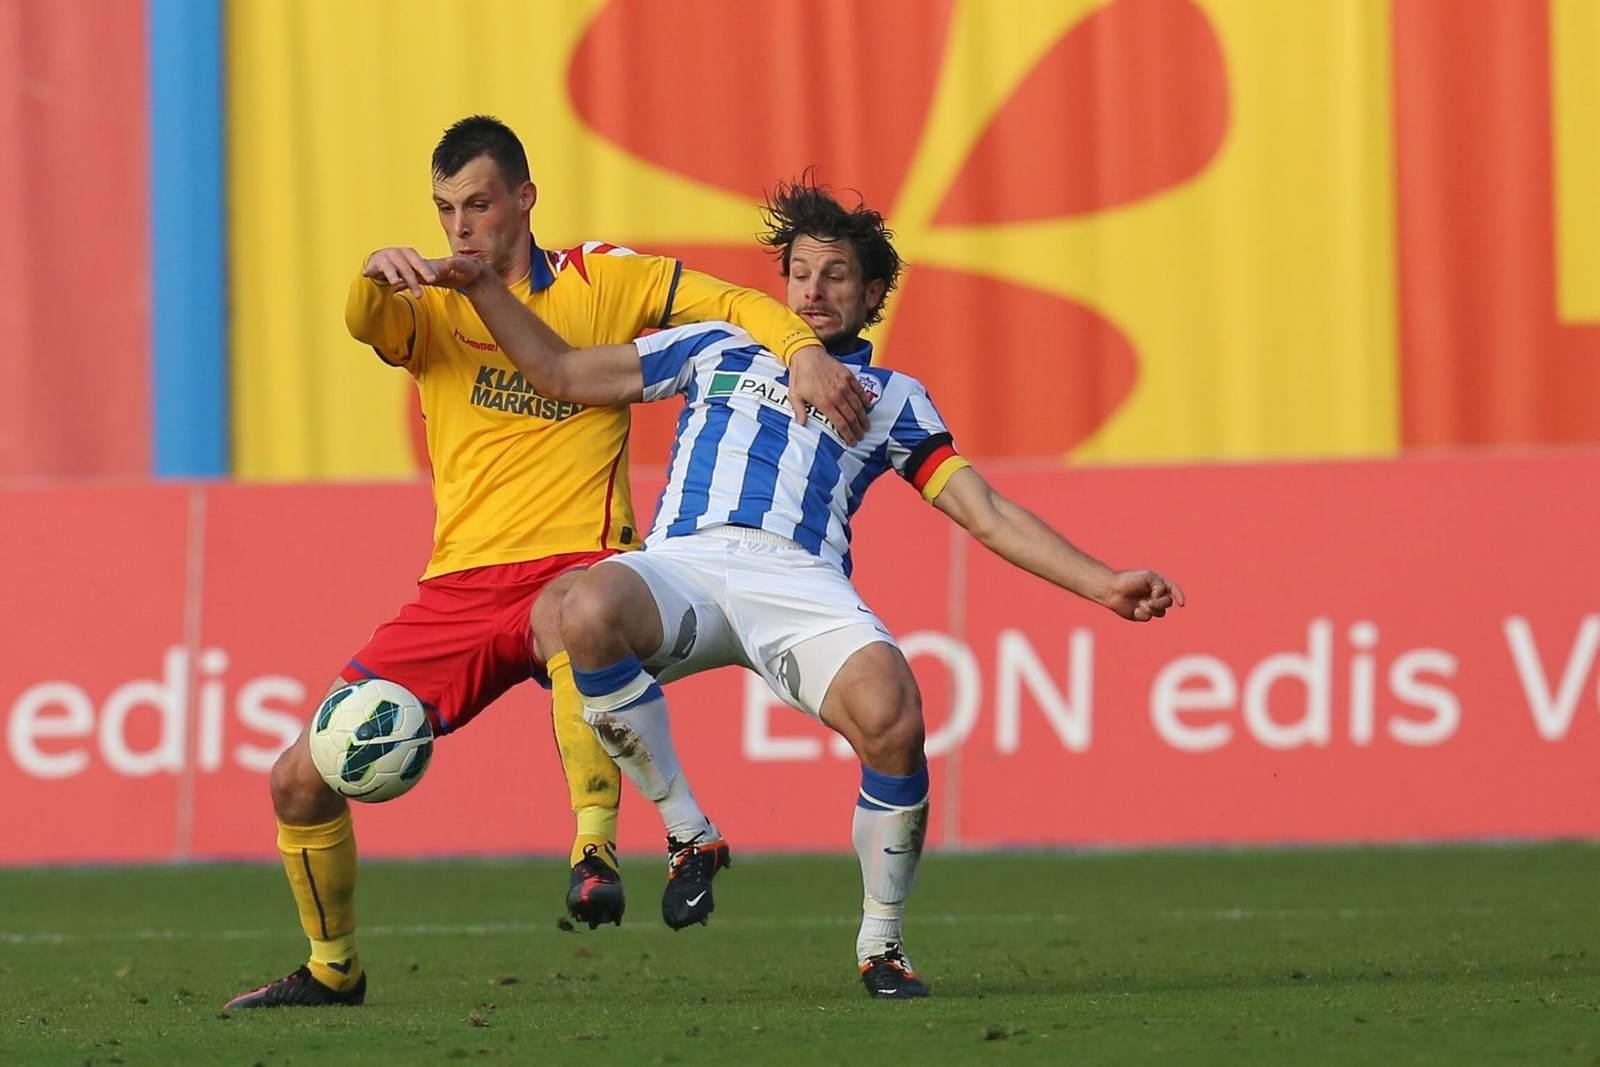 Koen van der Biezen und Sebastian Pelzer im Duell. Jetzt auf die Partie Rostock gegen Karlsruhe wetten